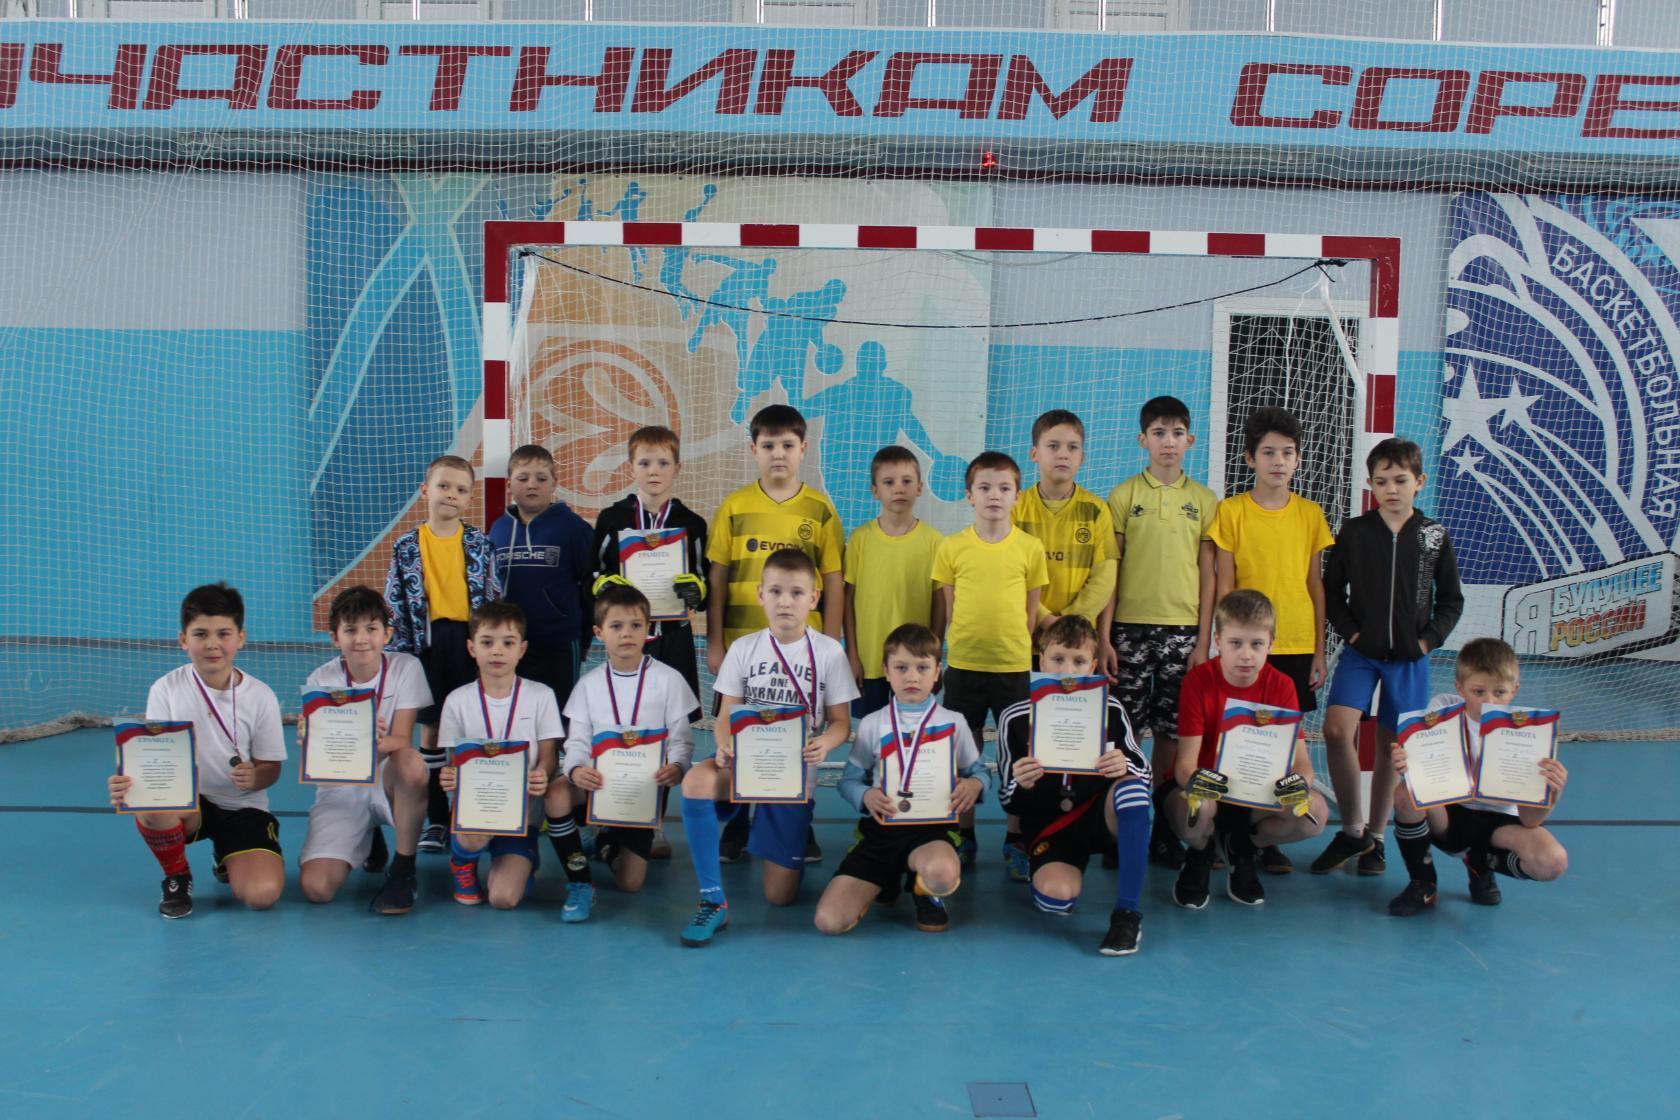 Ртищевские спортсмены приняли участие в областном турнире по мини-футболу